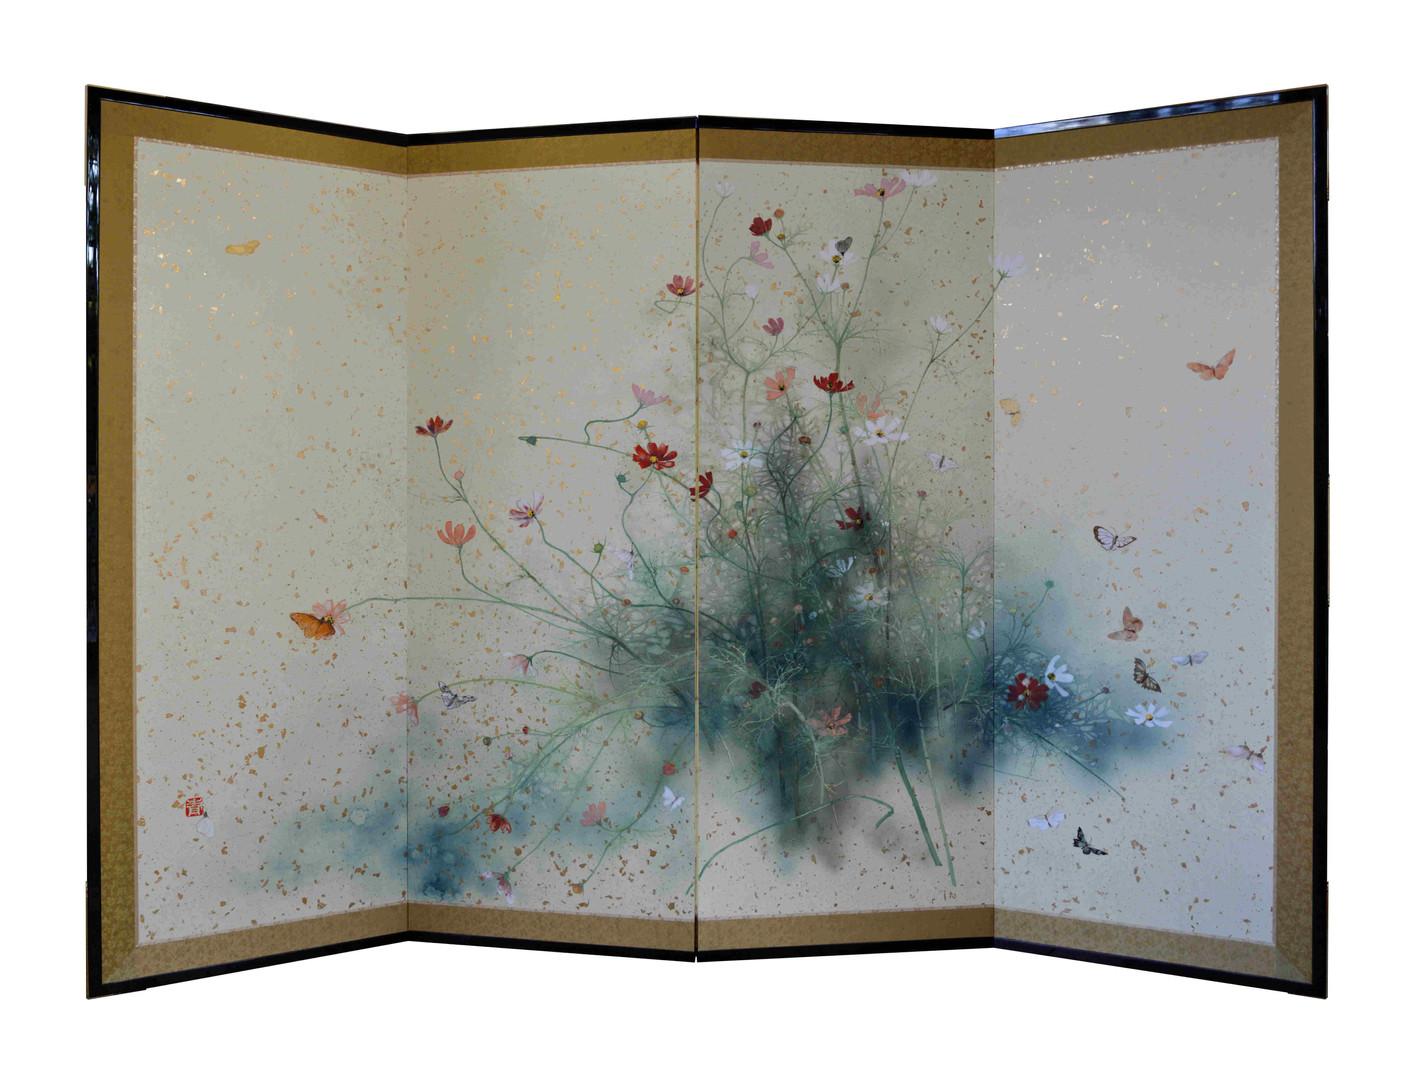 Ronde - 136 x 208 cm / 2014